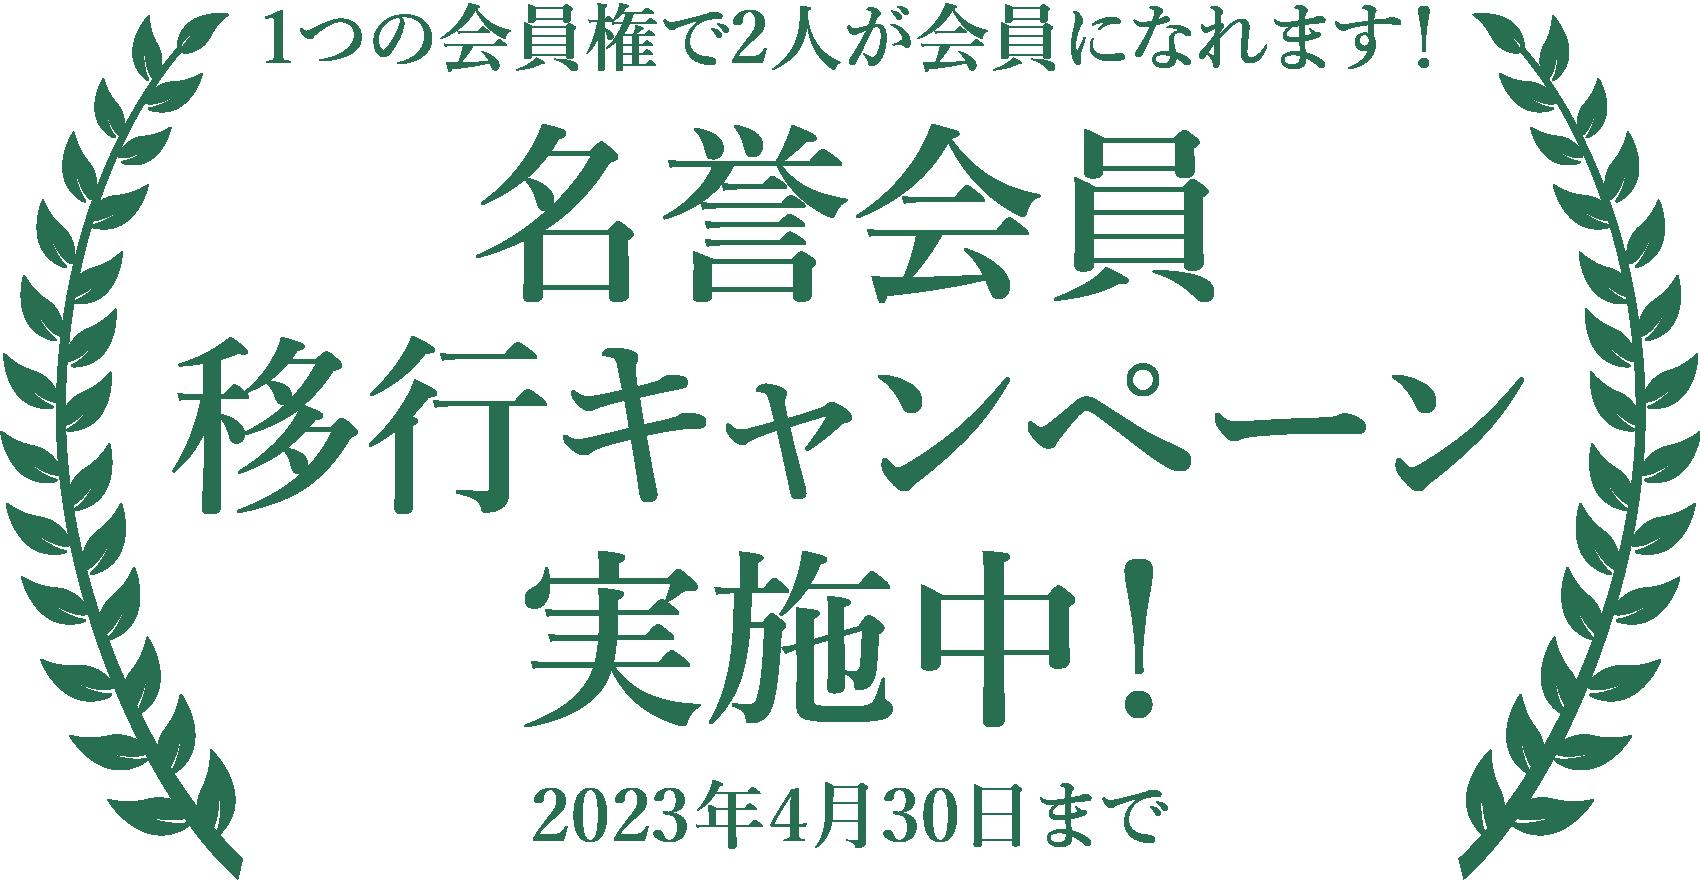 1つの会員様で2人が会員になれます!名誉会員移行キャンペーン実施中!2021年4月30日まで